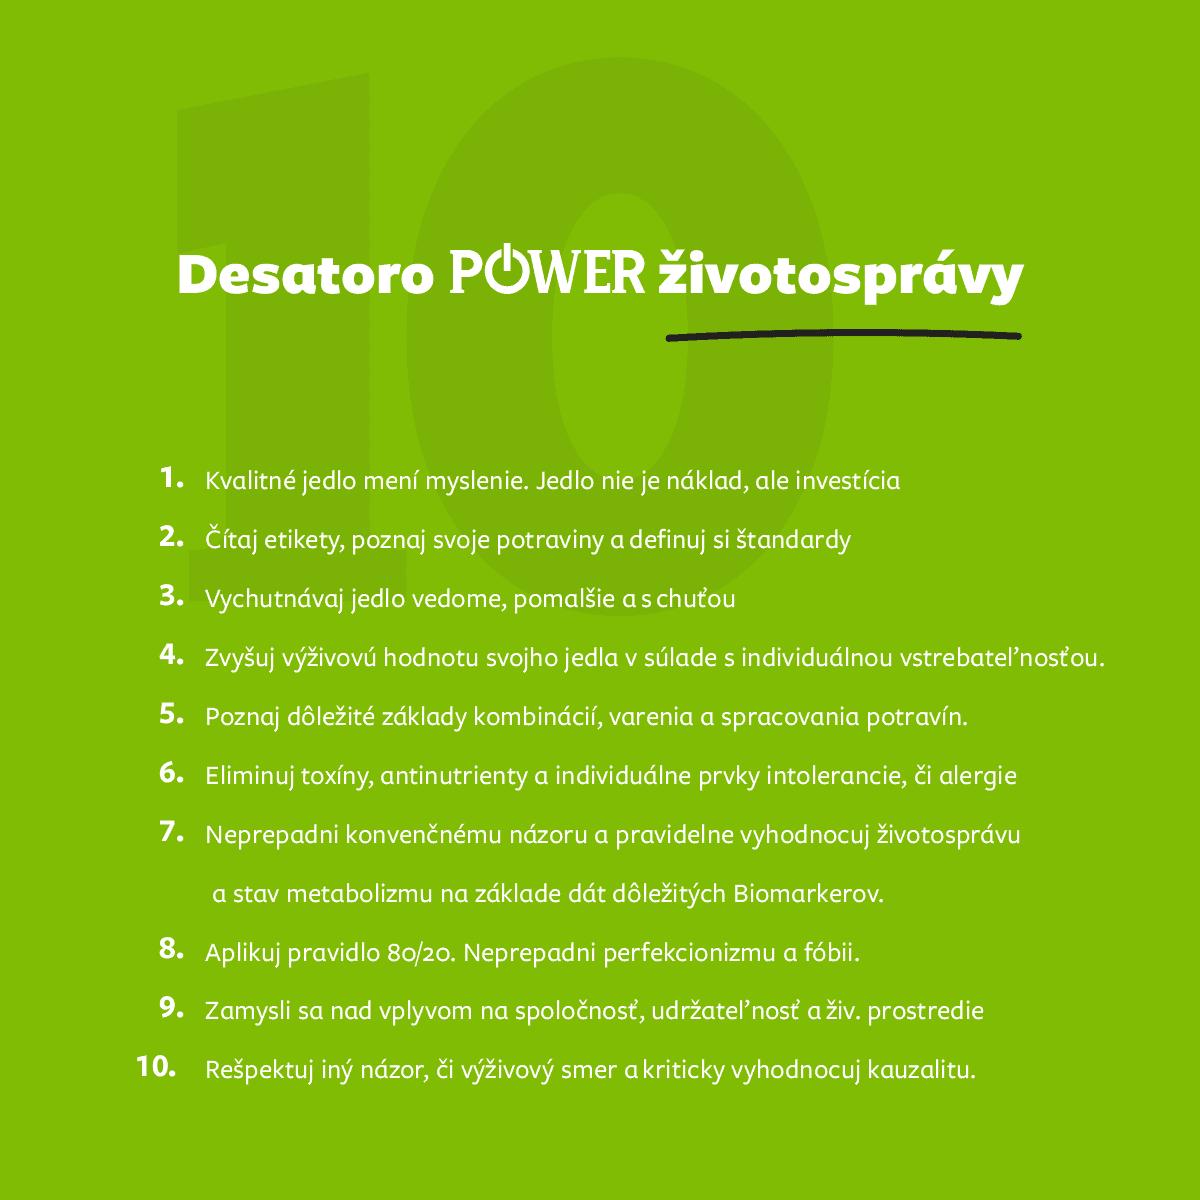 Najkritickejší zlodeji energie a 3 najväčšie výzvy v životospráve produktívneho človeka